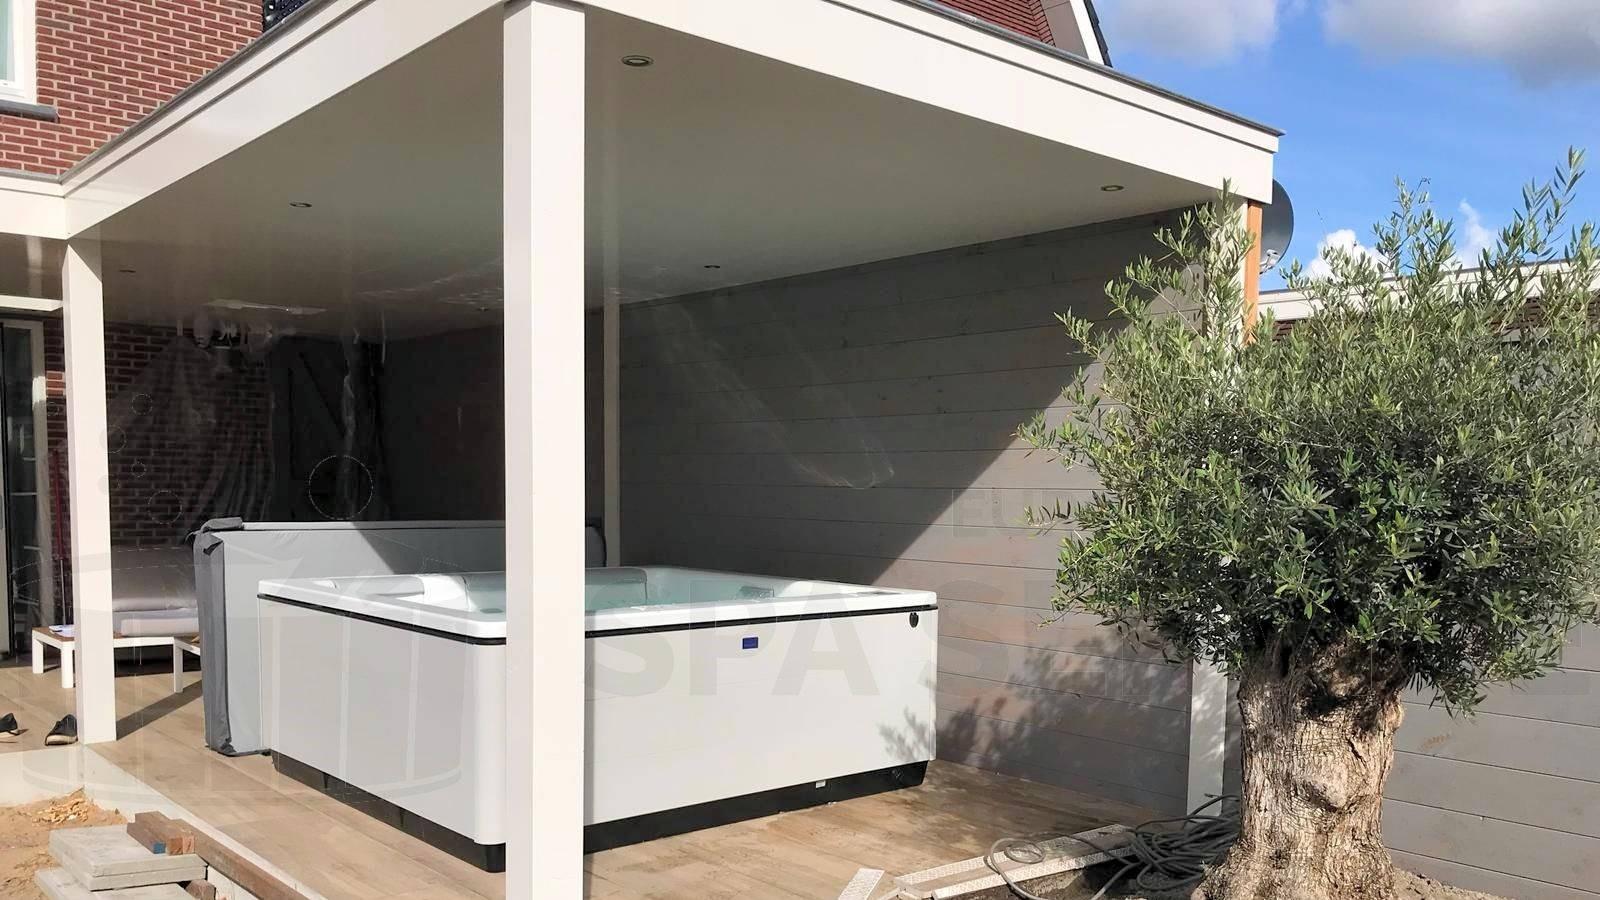 Plaatsing van een Villeroy & Boch Just Silence spa in Schiedam